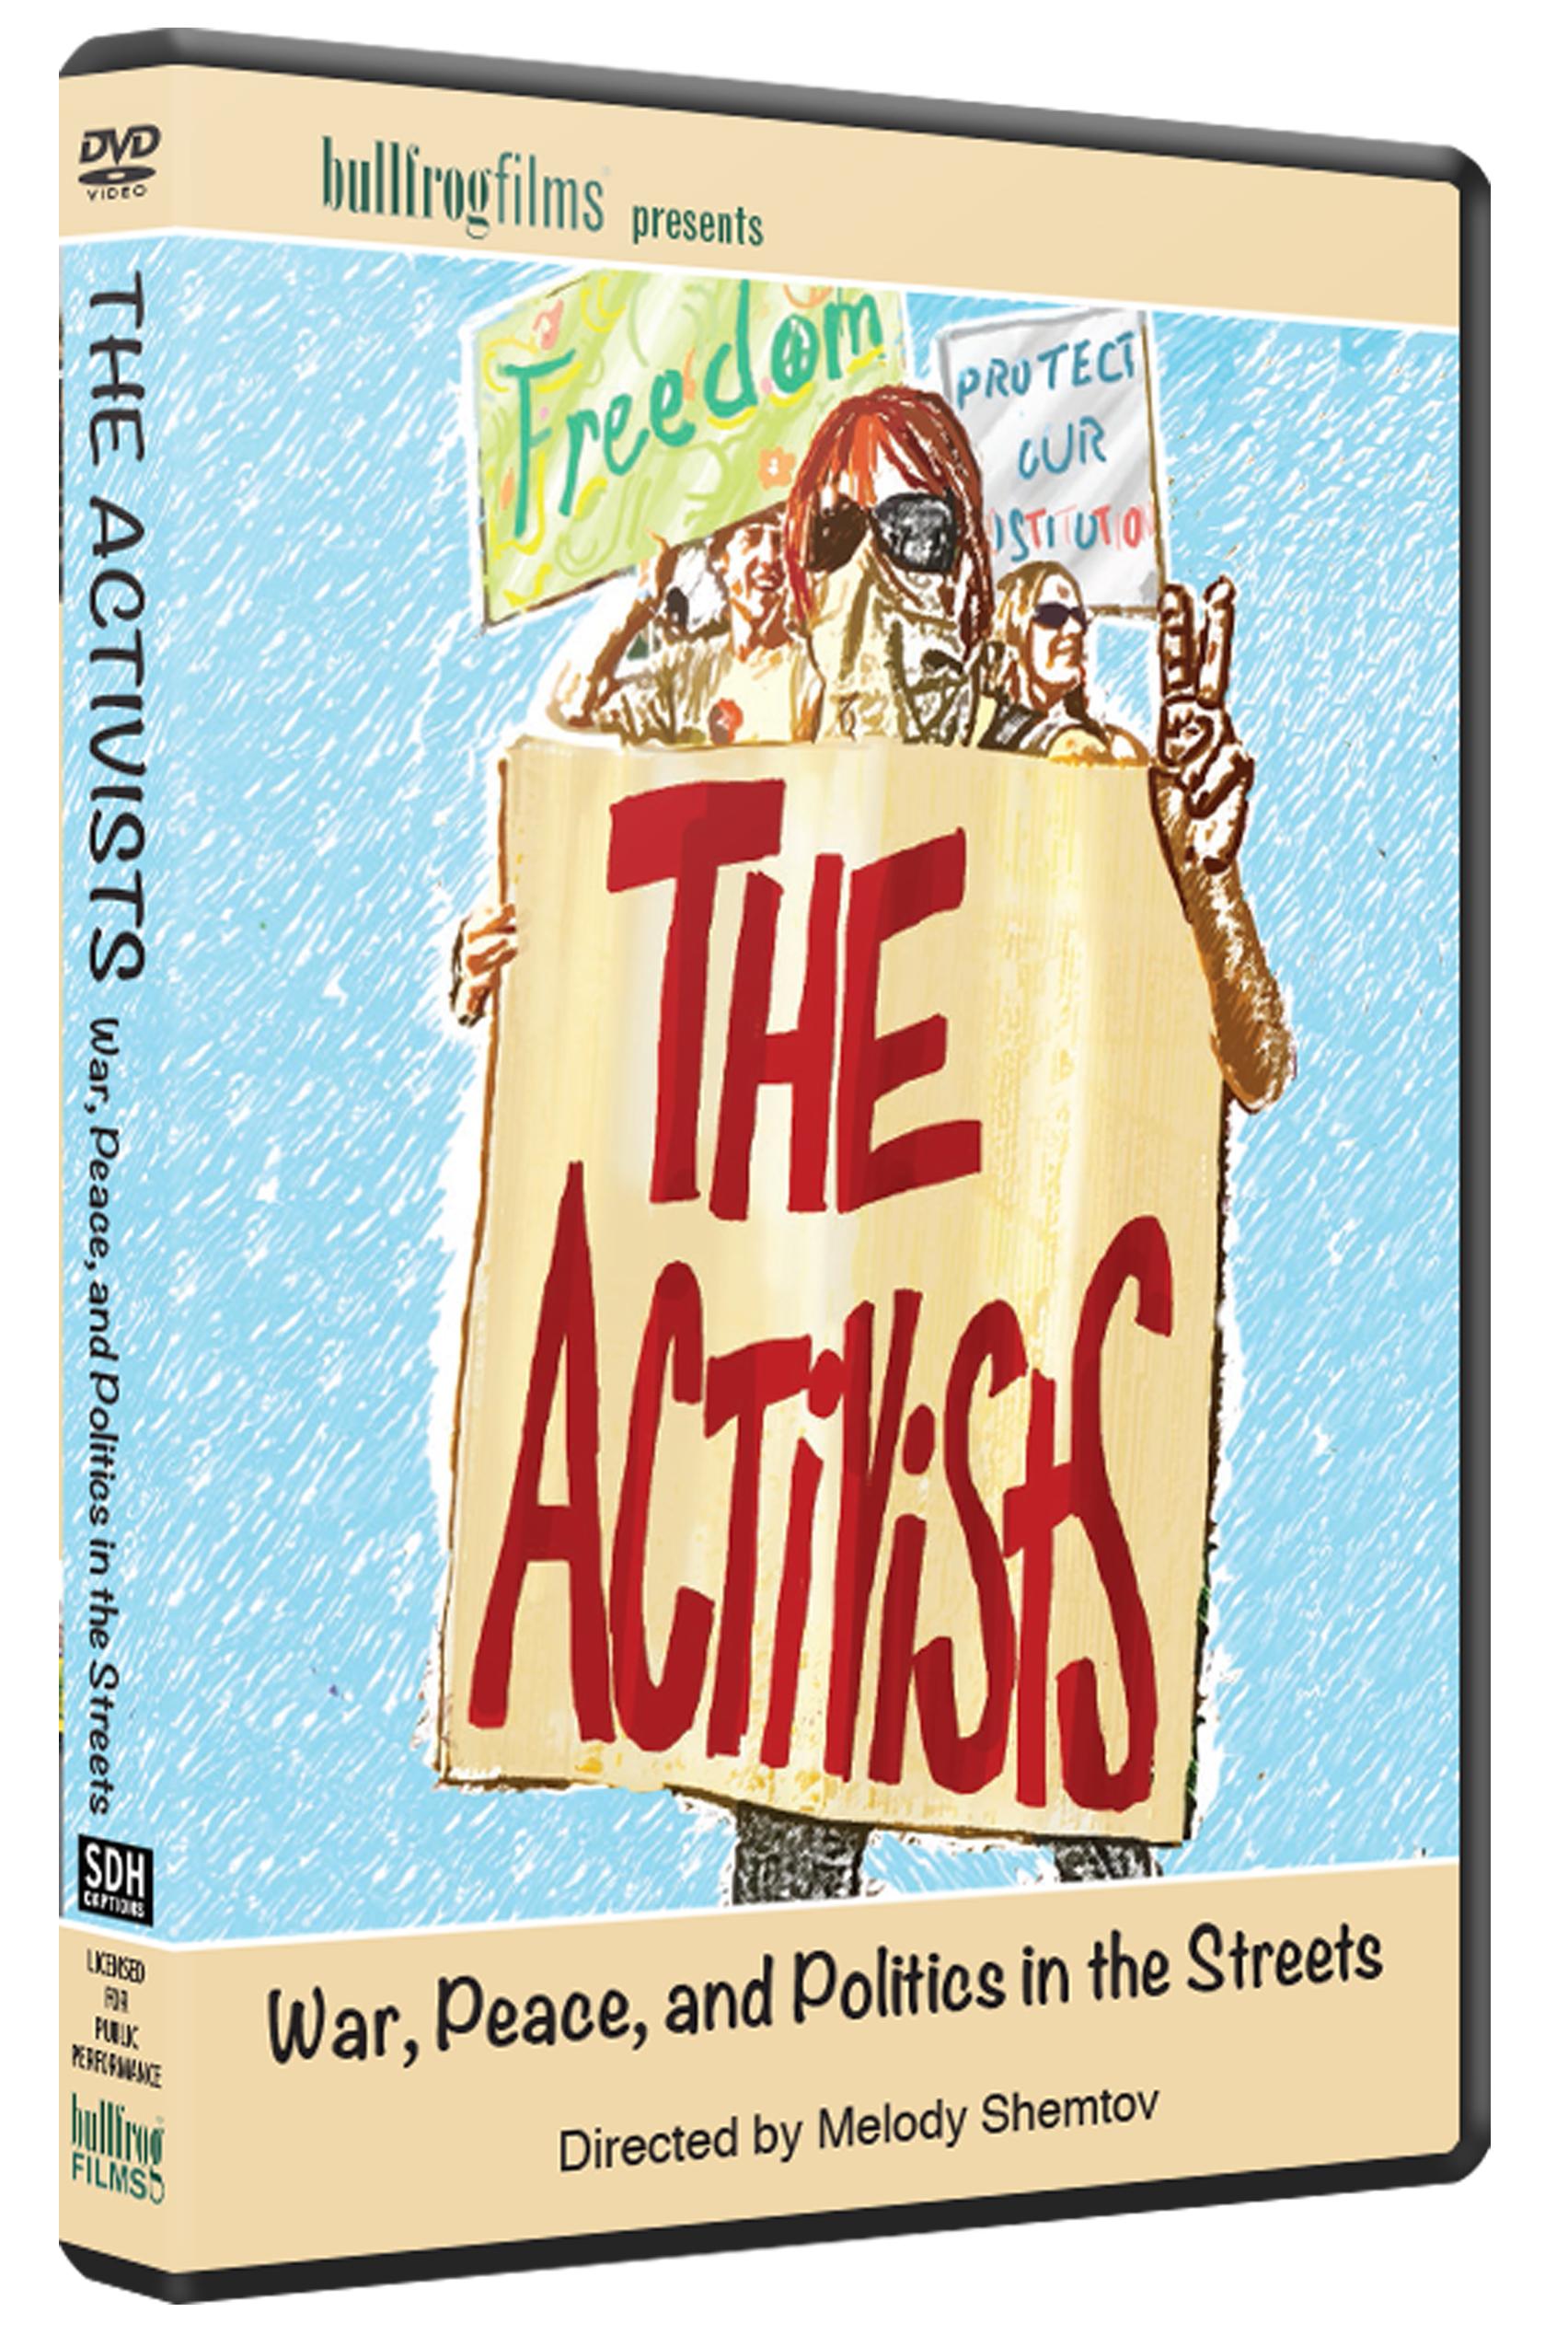 ACTS_3djacket.jpg